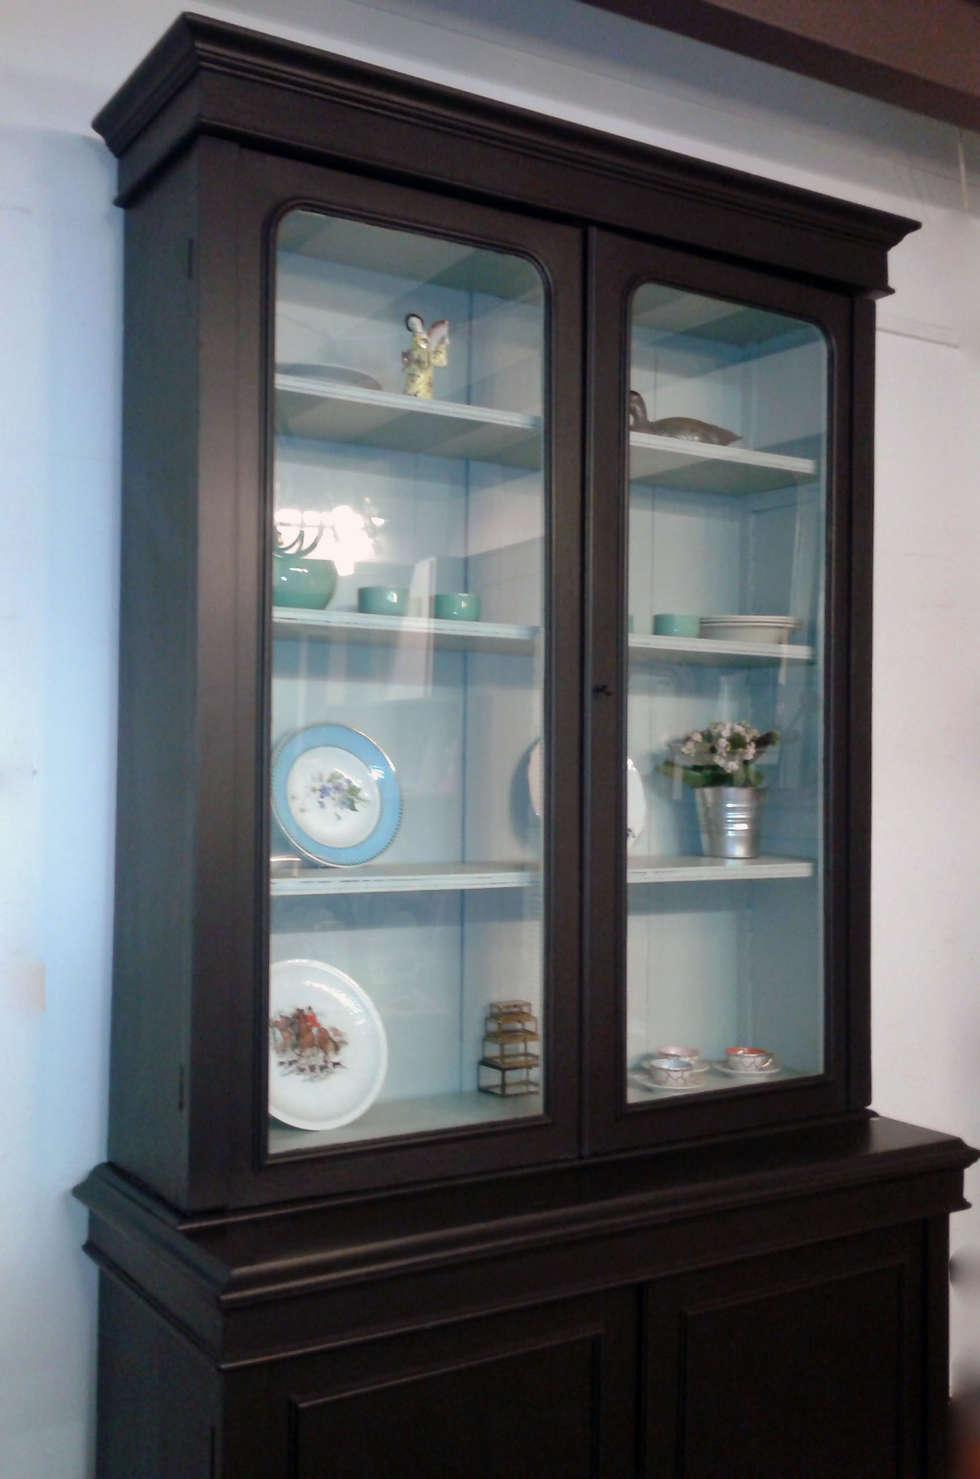 Fotos de decoraci n y dise o de interiores homify - Alacenas de cocina antiguas ...